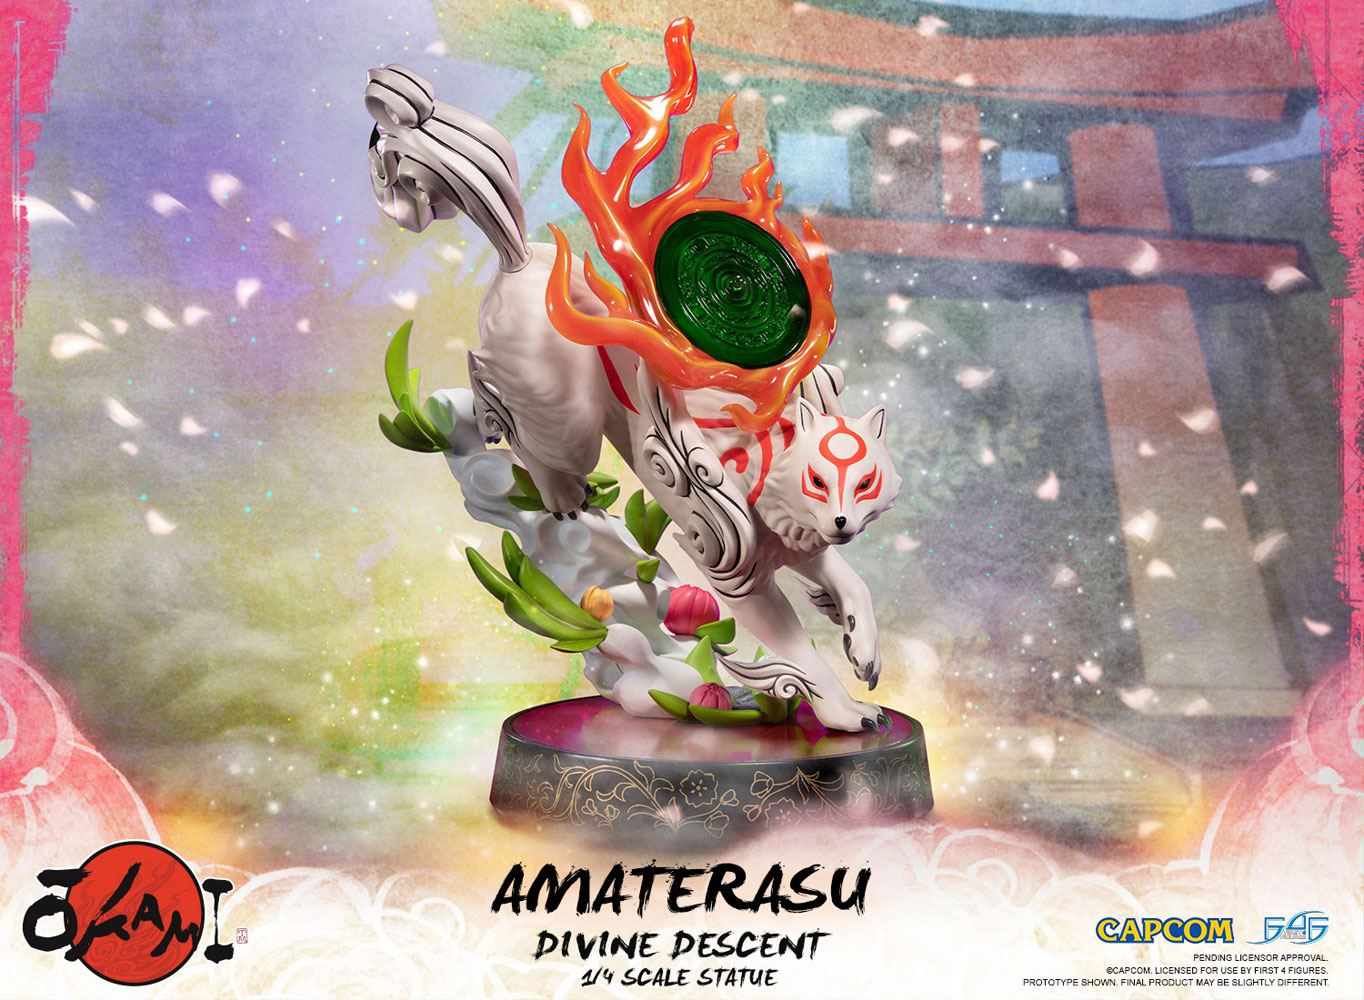 Okami Statue 1/4 Amaterasu Divine Descent 44 cm